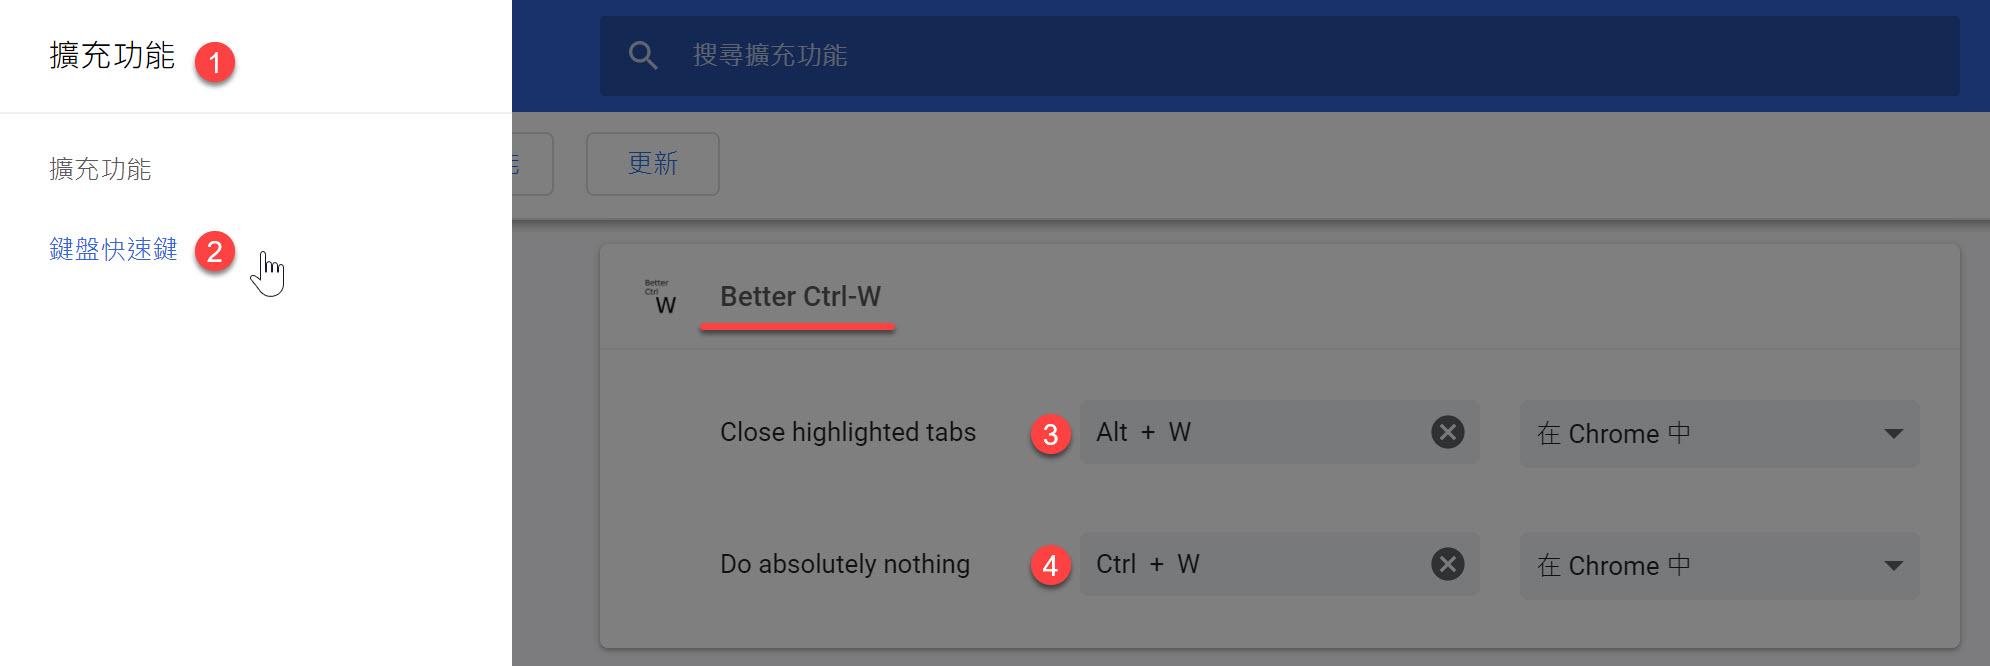 將  綁定到 Do absolutely nothing 即可停用 Chrome 預設  快速鍵!